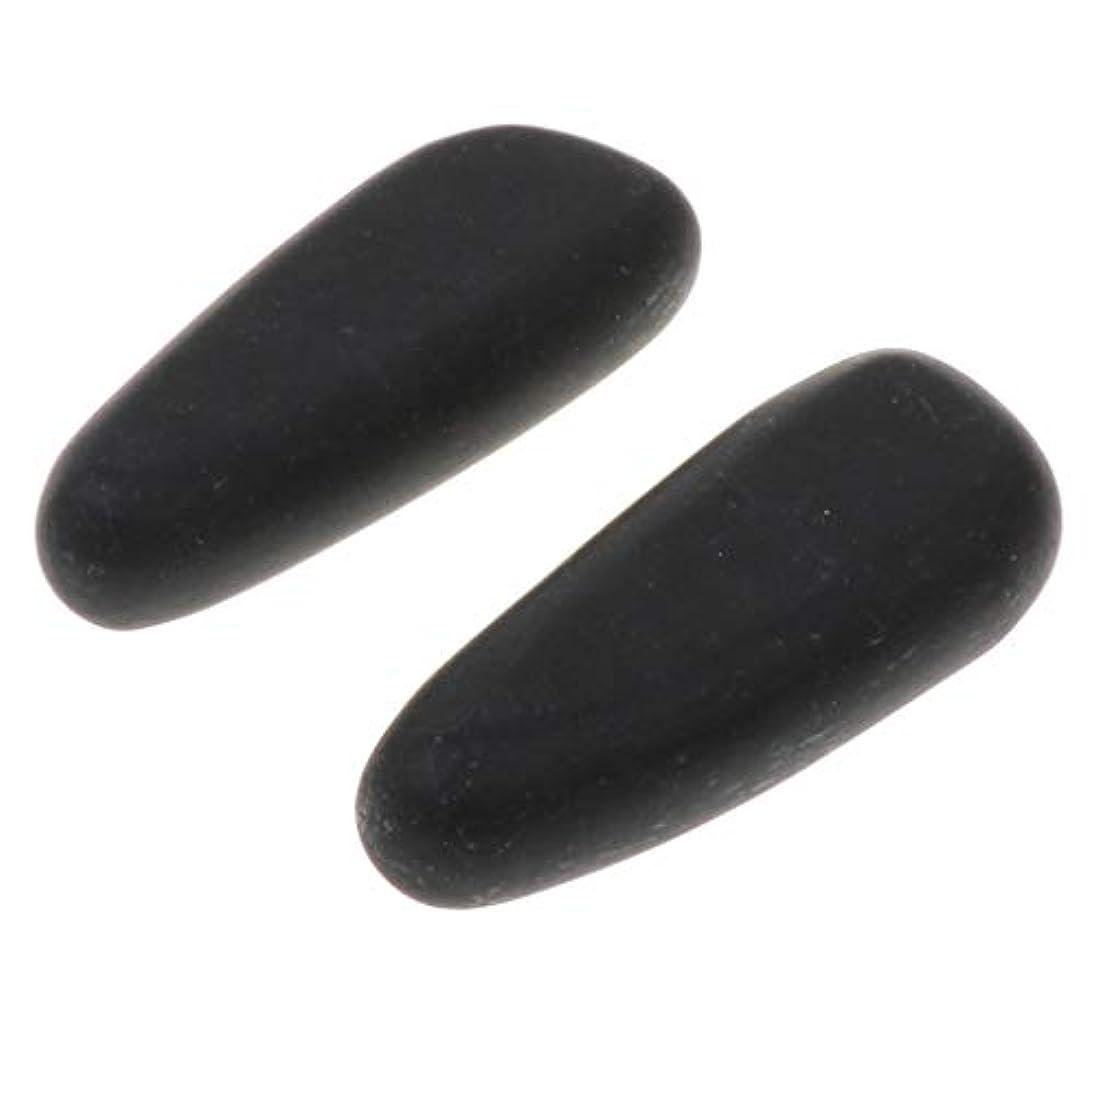 理解レプリカ人天然石ホットストーン マッサージ用玄武岩 マッサージストーン ボディマッサージ 実用 2個 全2サイズ - 8×3.2×2cm